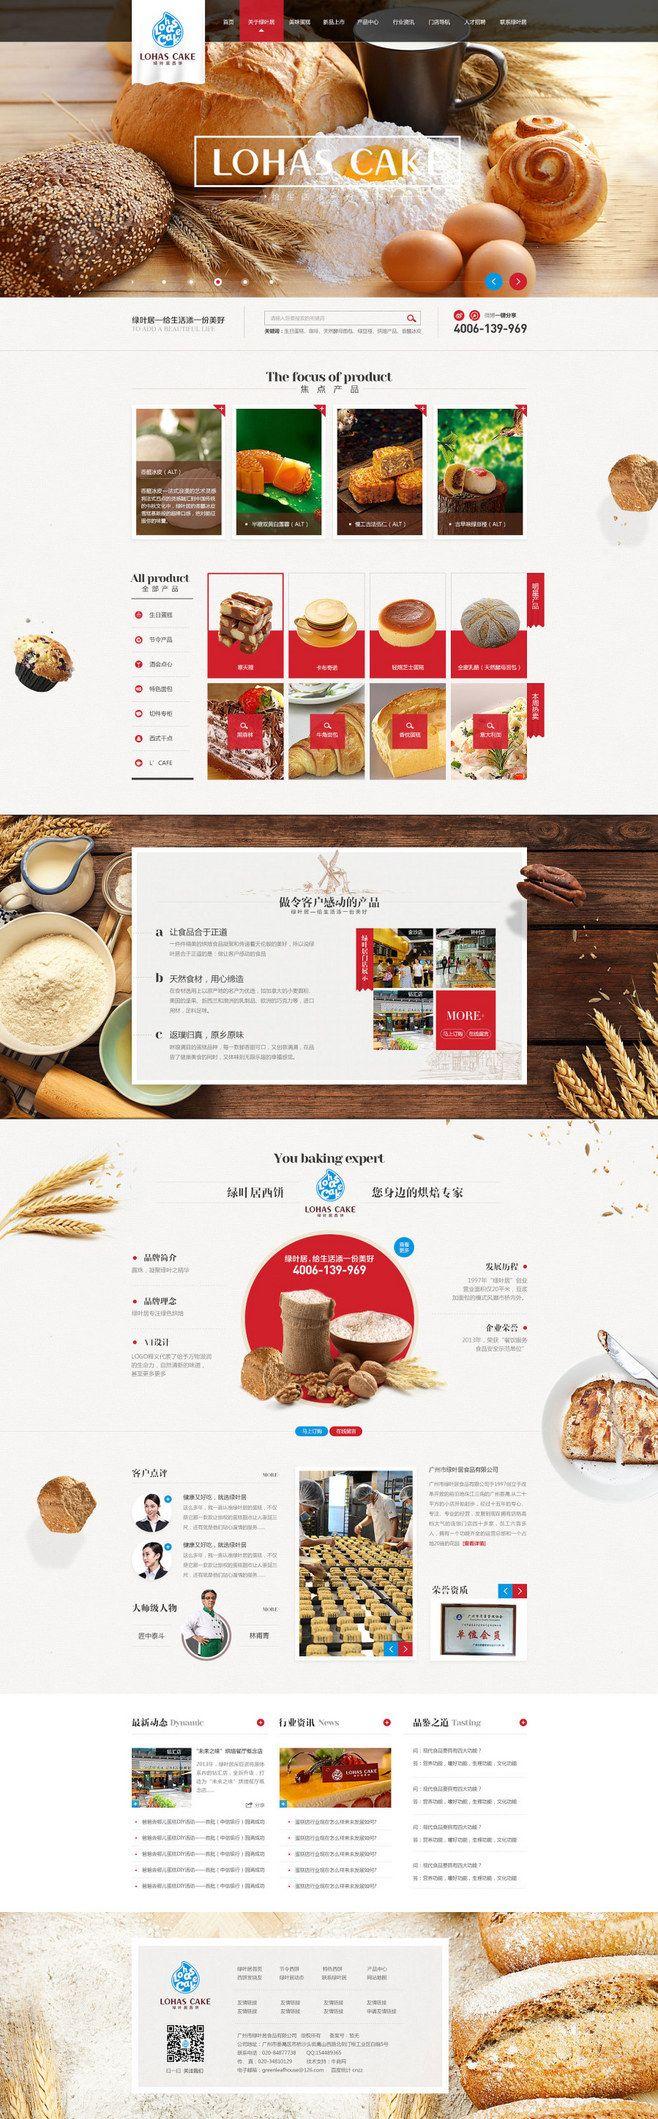 原创作品:营销型网站-探索篇